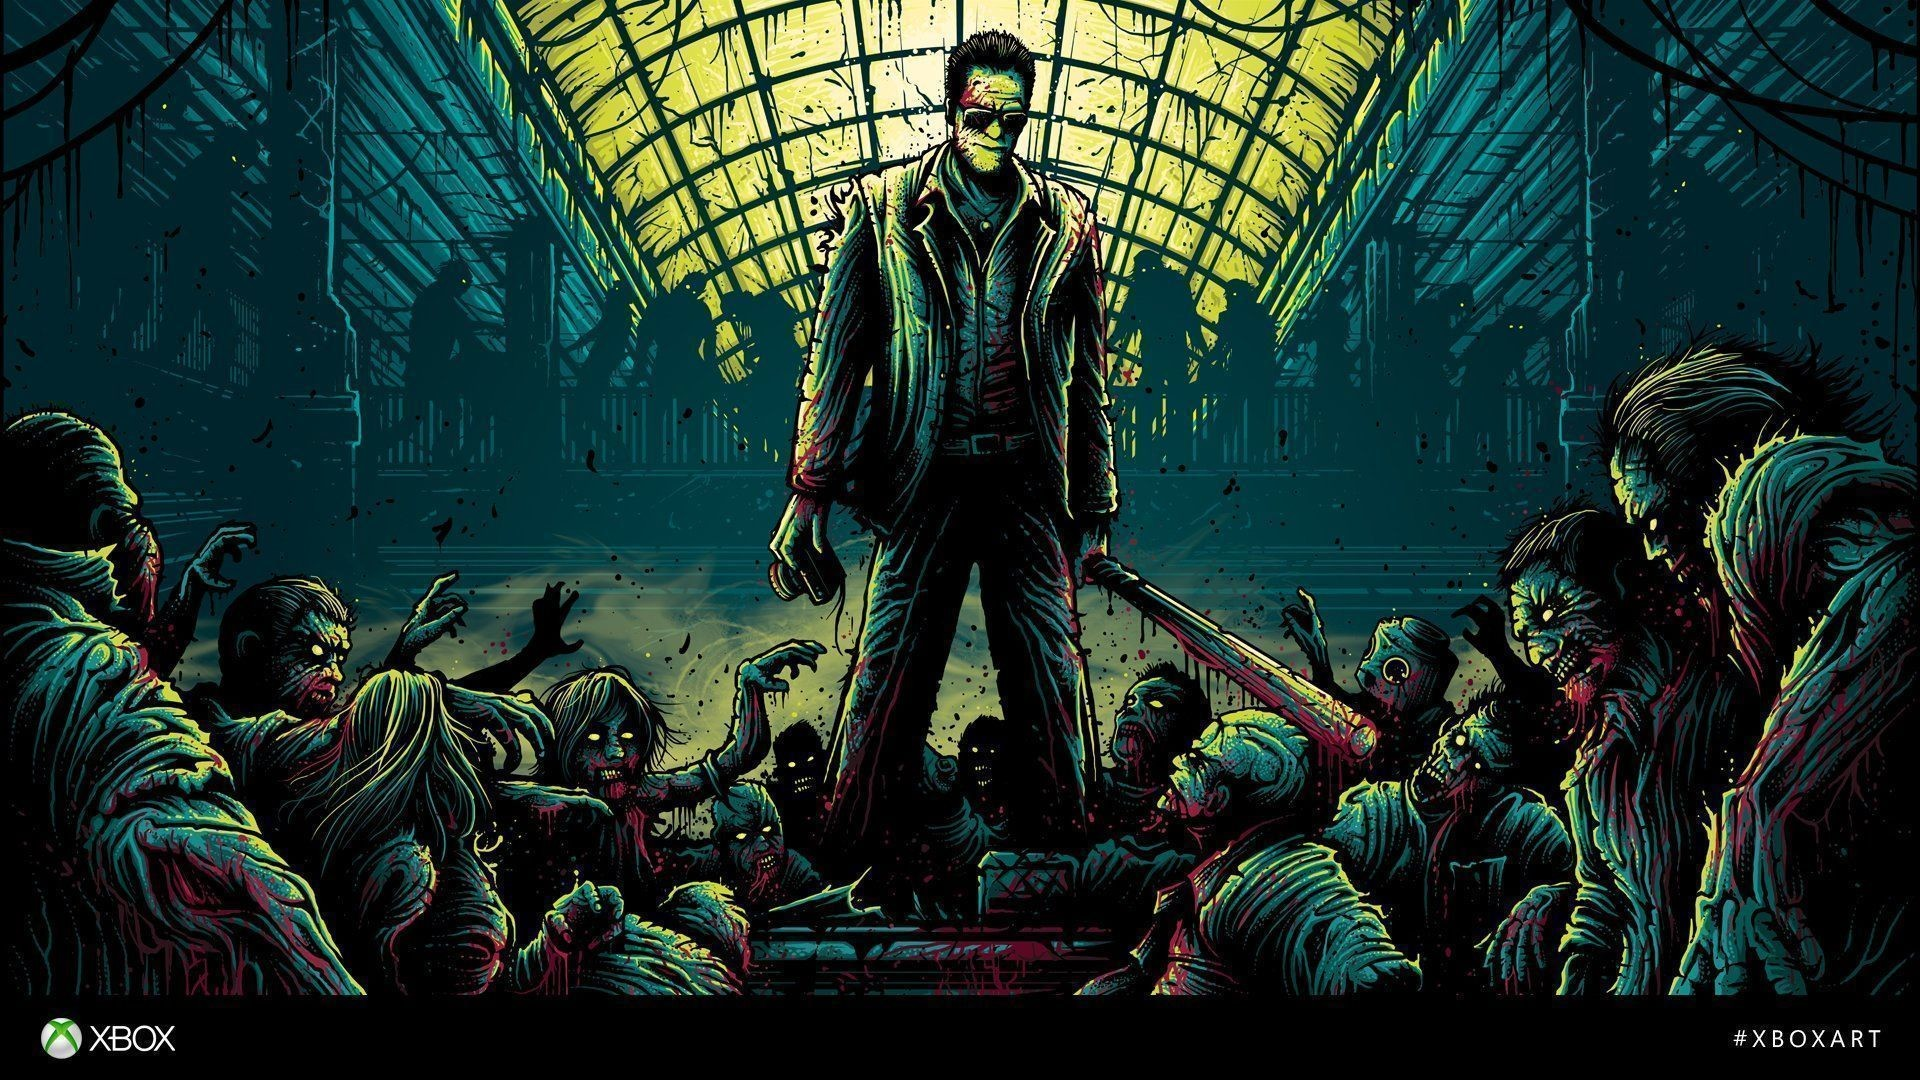 DanMumford-Zombie-Badass-Alone wallpaper